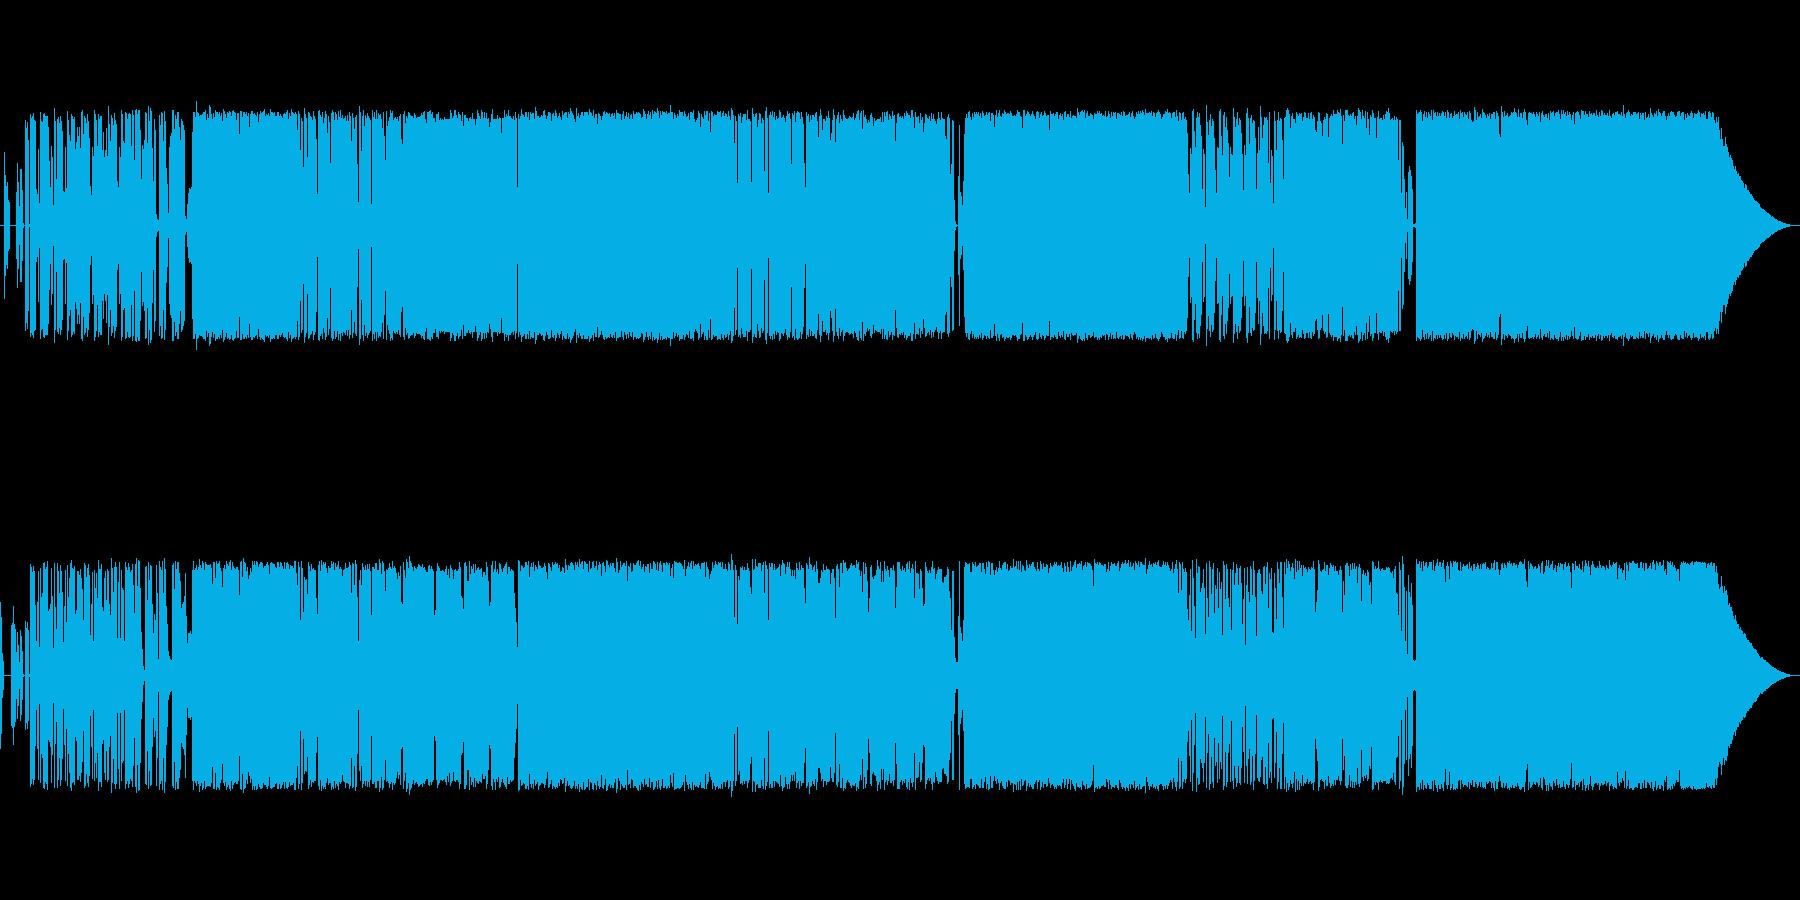 過激な歌詞と曲調のロックポップスの再生済みの波形